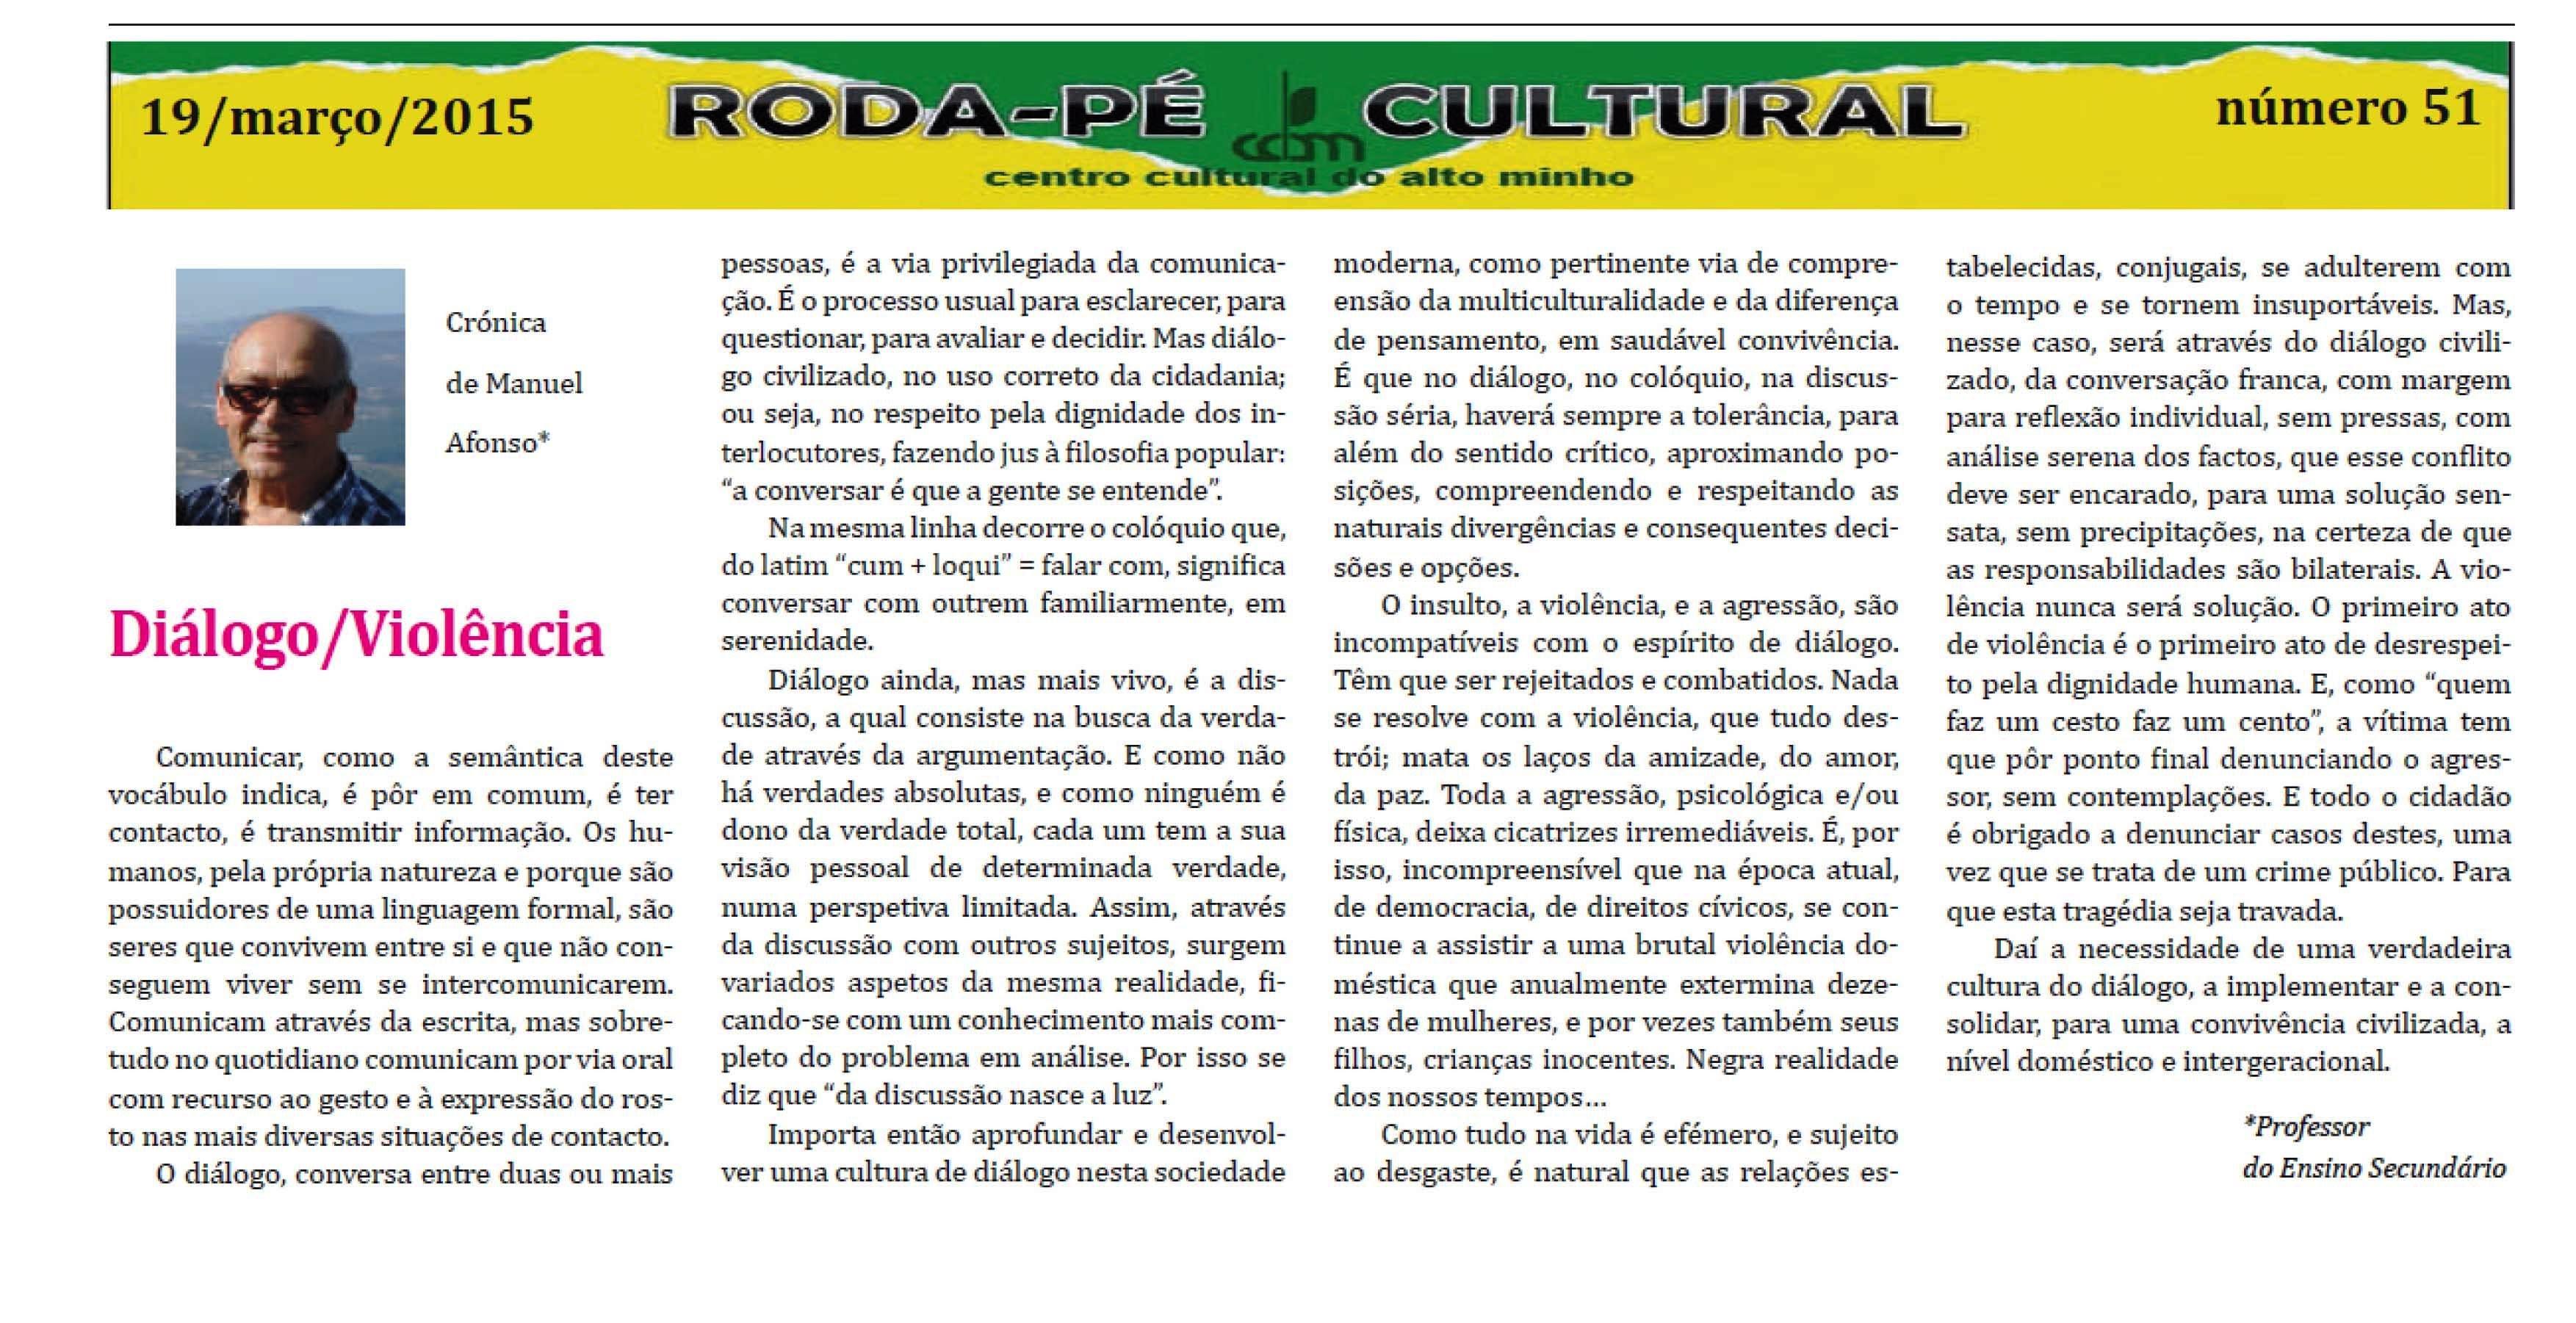 https://sites.google.com/a/centroculturaldoaltominho.org/ccam/actividades-realizadas/2015/Rp51.jpg